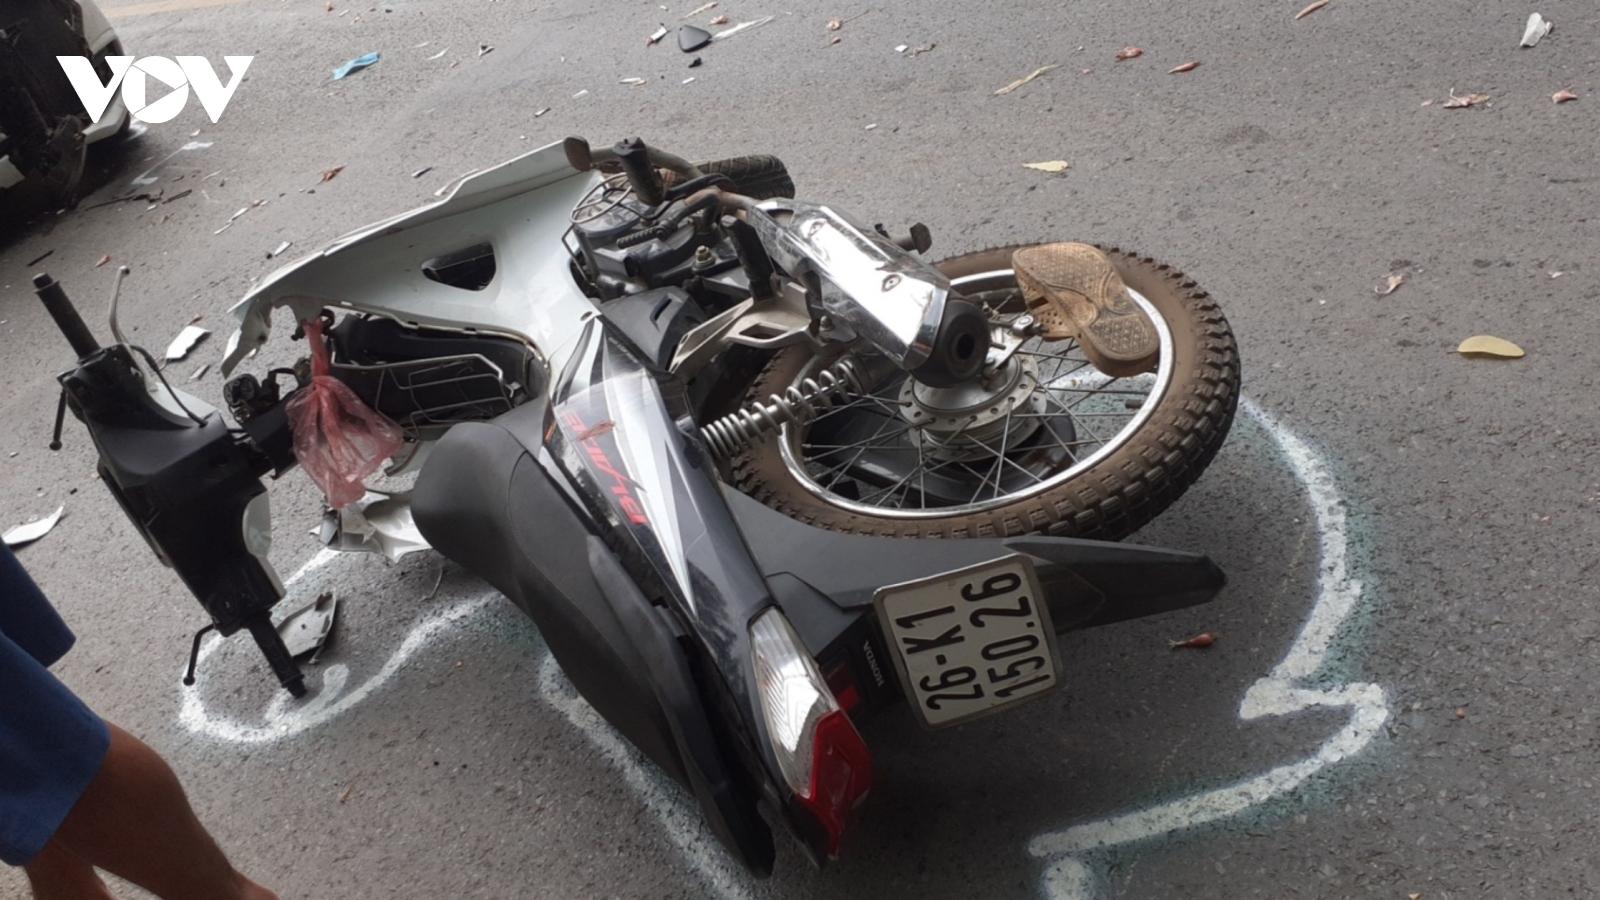 Va chạm giữa xe mô tô và ô tô trên Quốc lộ 6, 1 người bị thương nặng